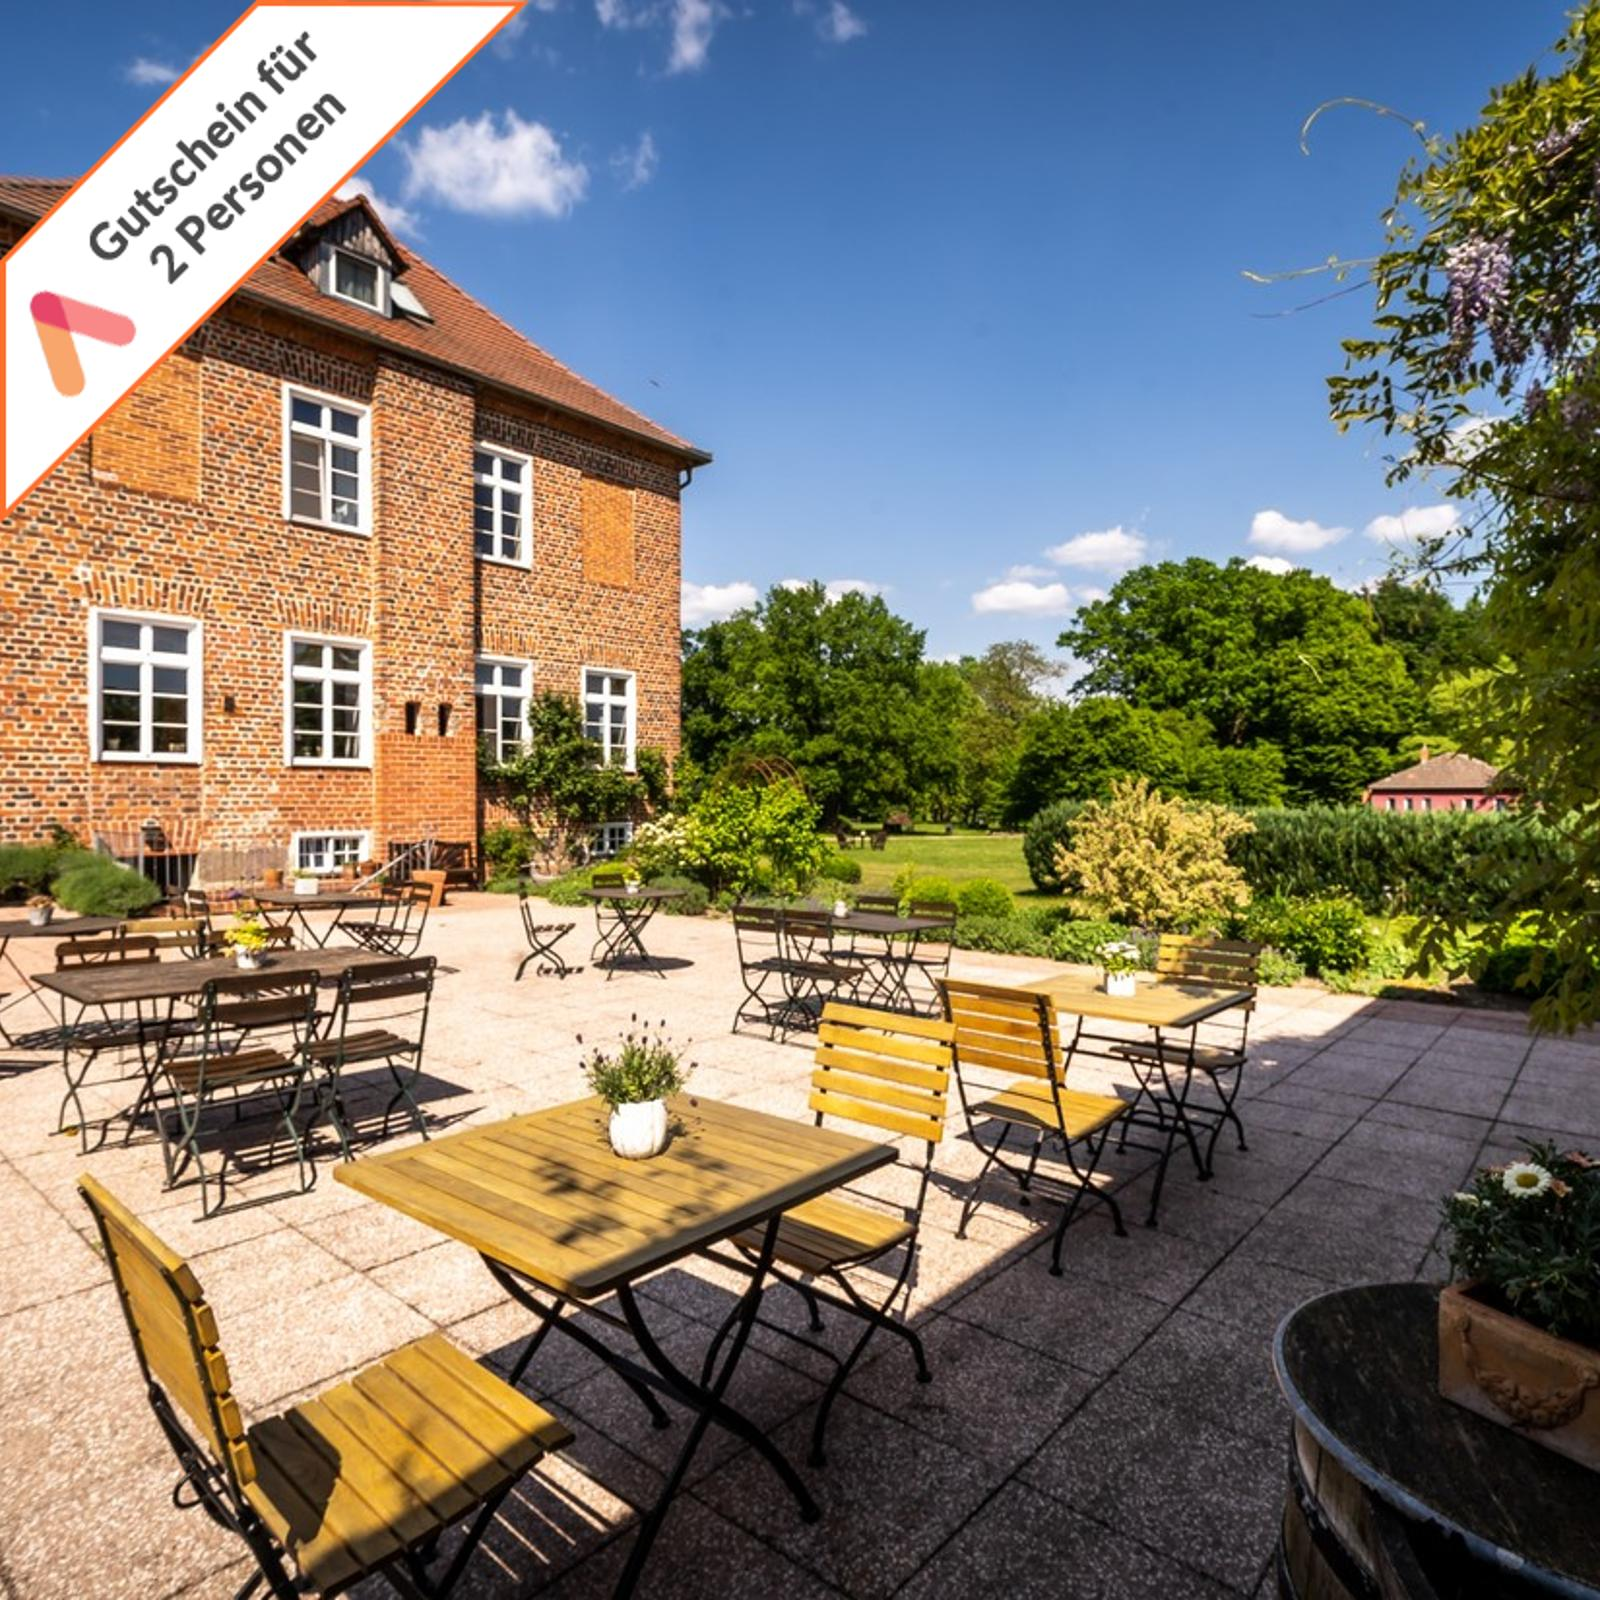 Kurzreise Müritz See Romantik im Gutshaus Hotel 4 Tage für 2 Personen Gutschein